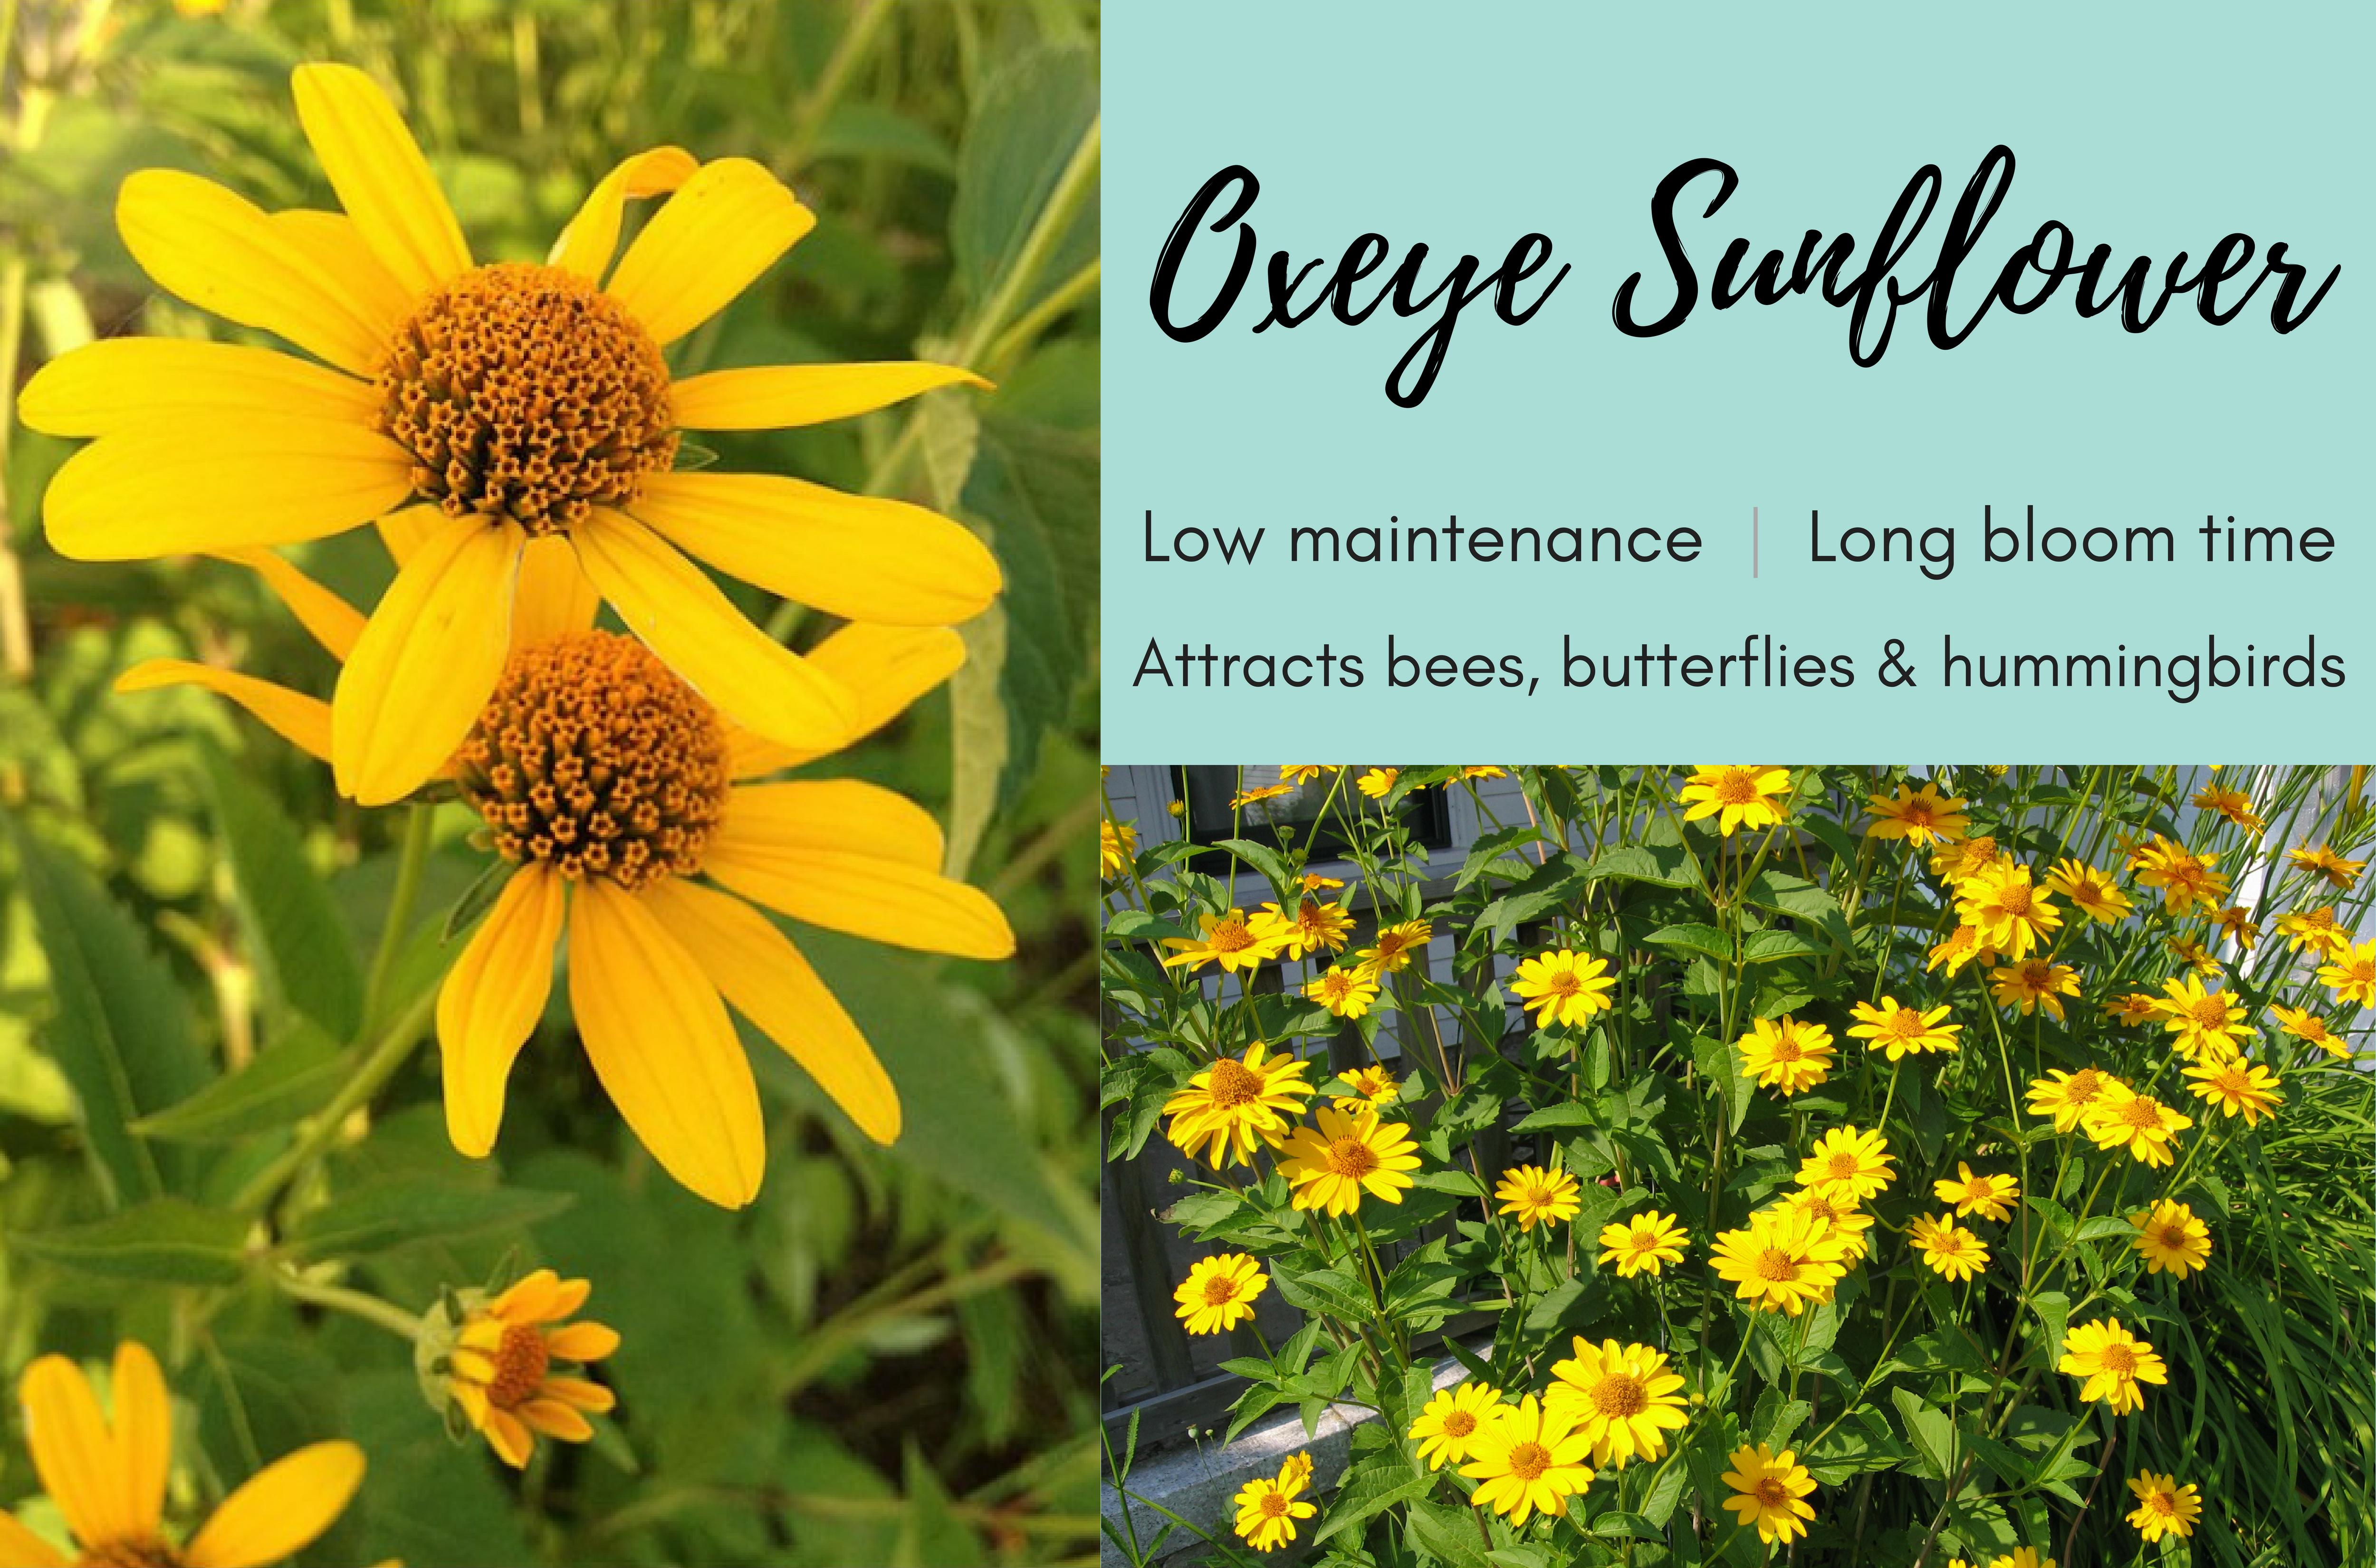 Oxeye Sunflower (1)